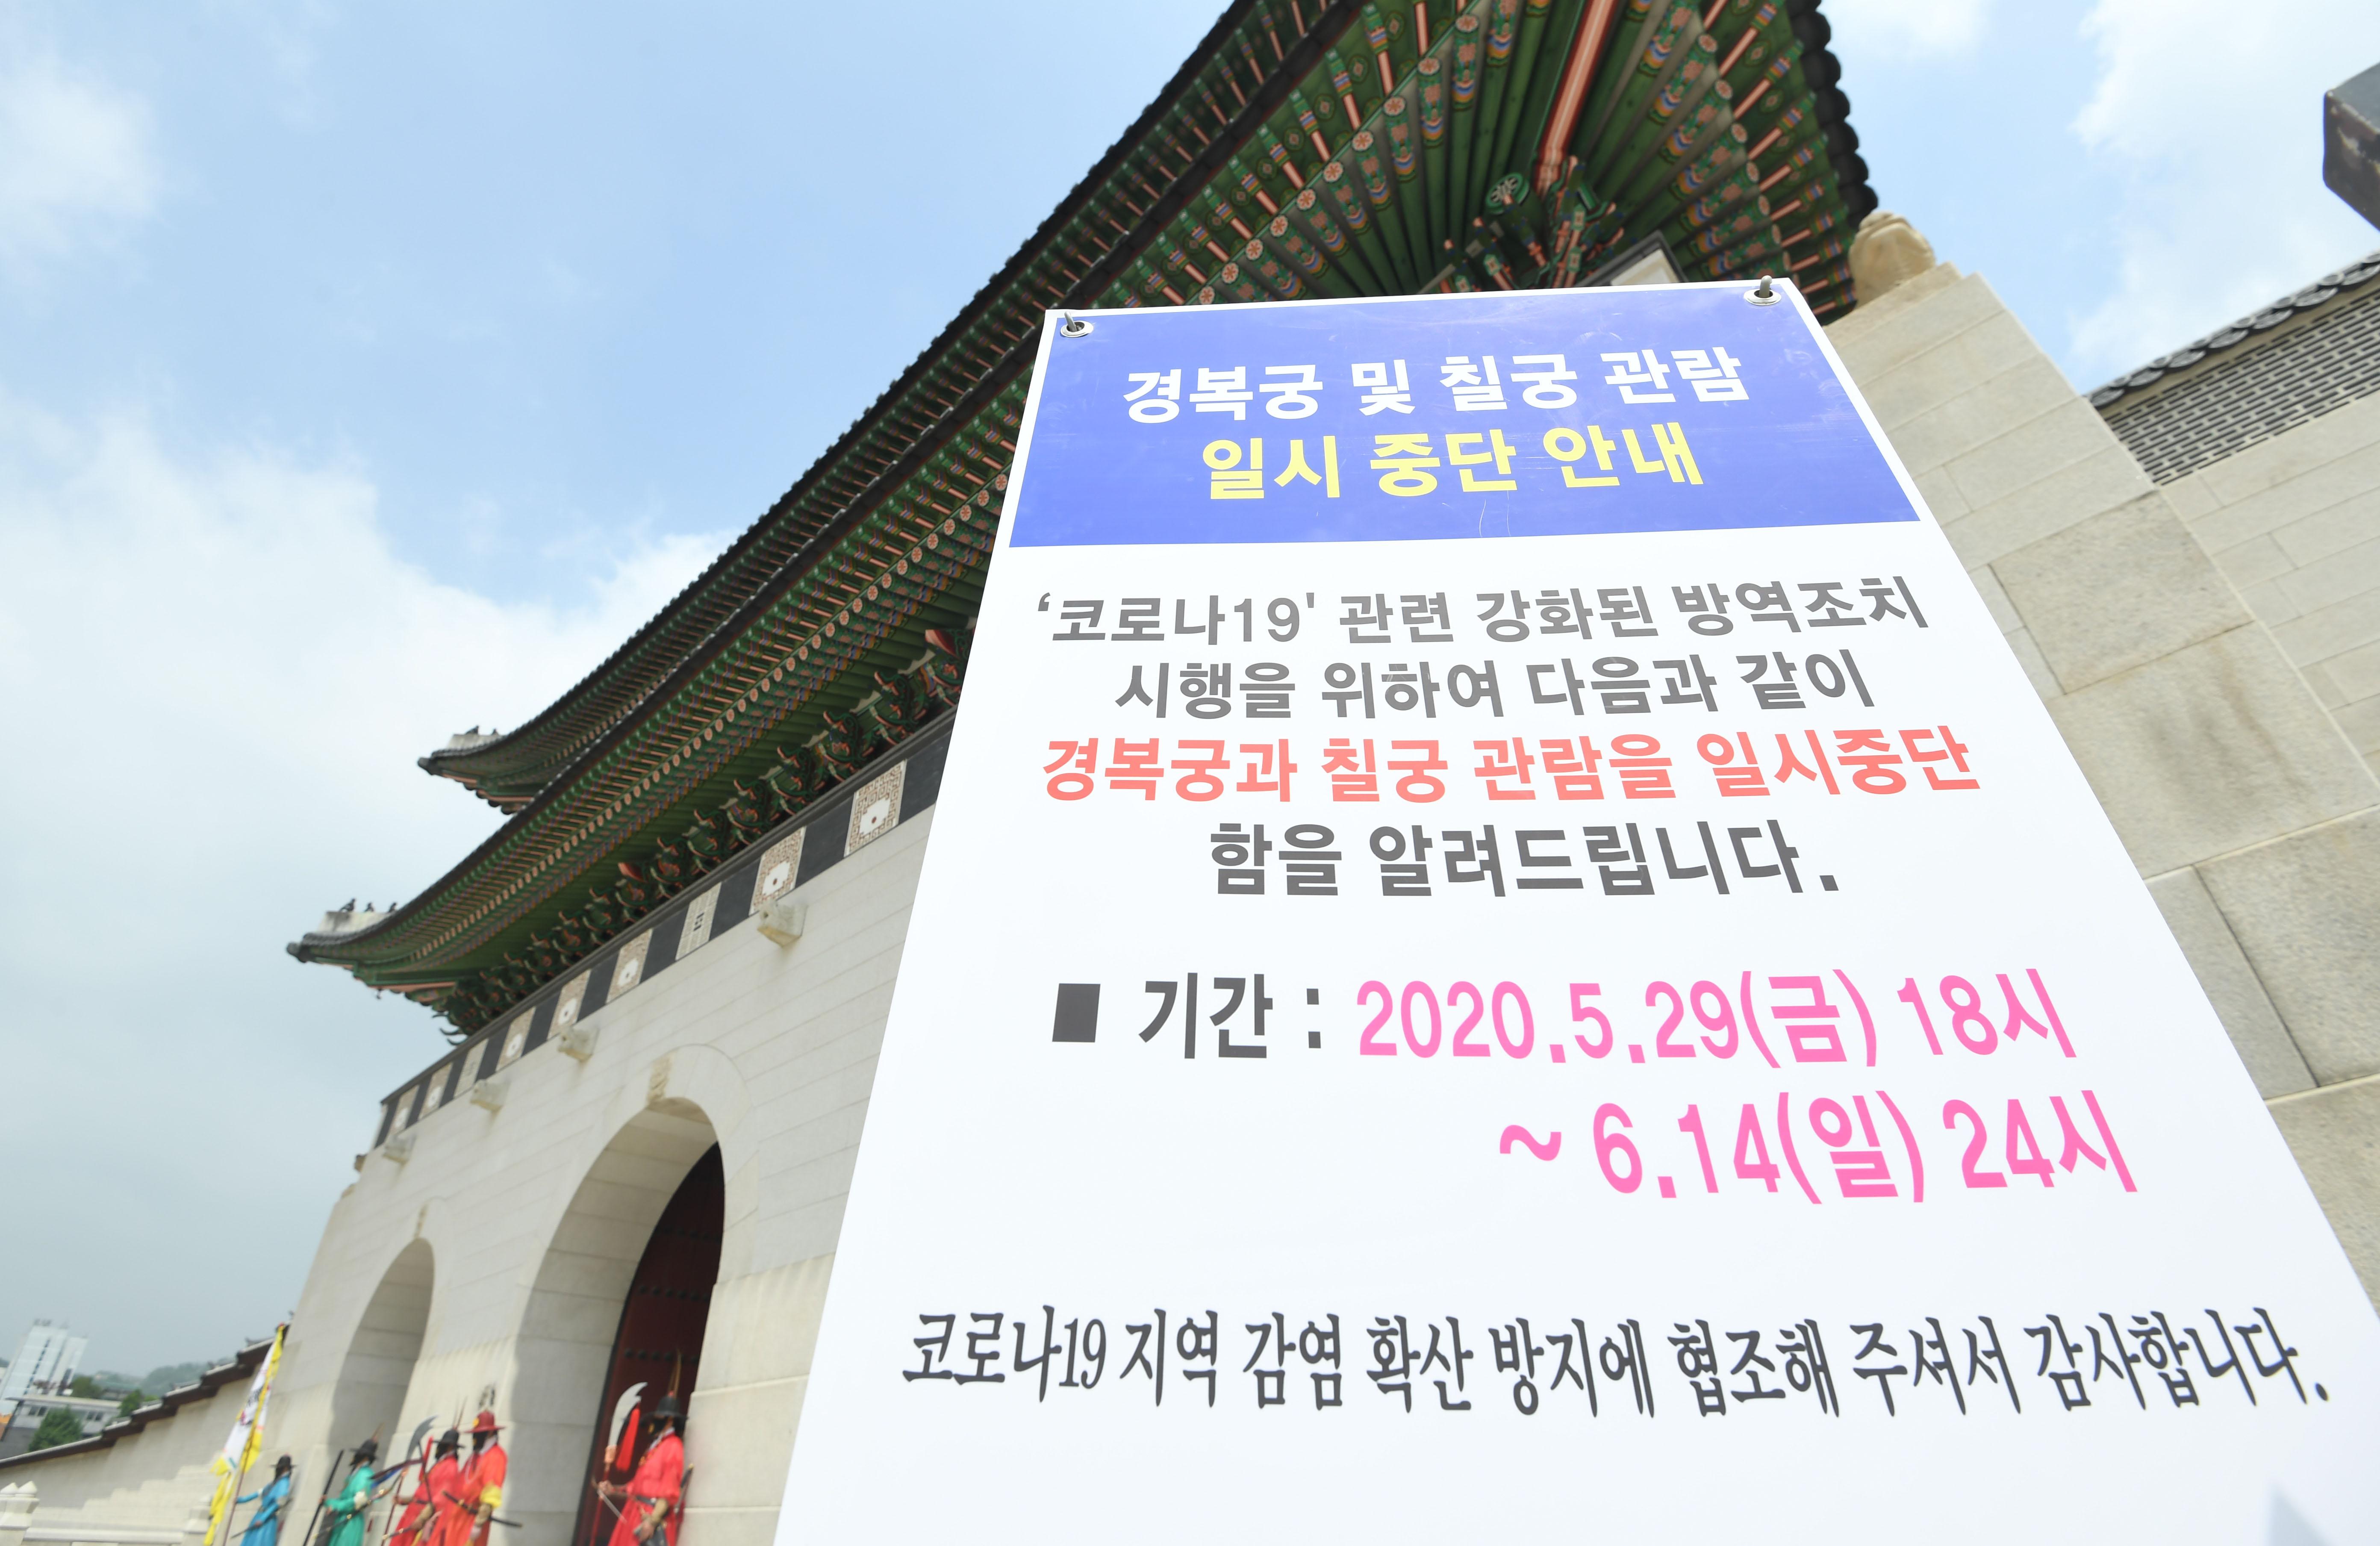 '수도권 공공 다중이용시설 운영중지'